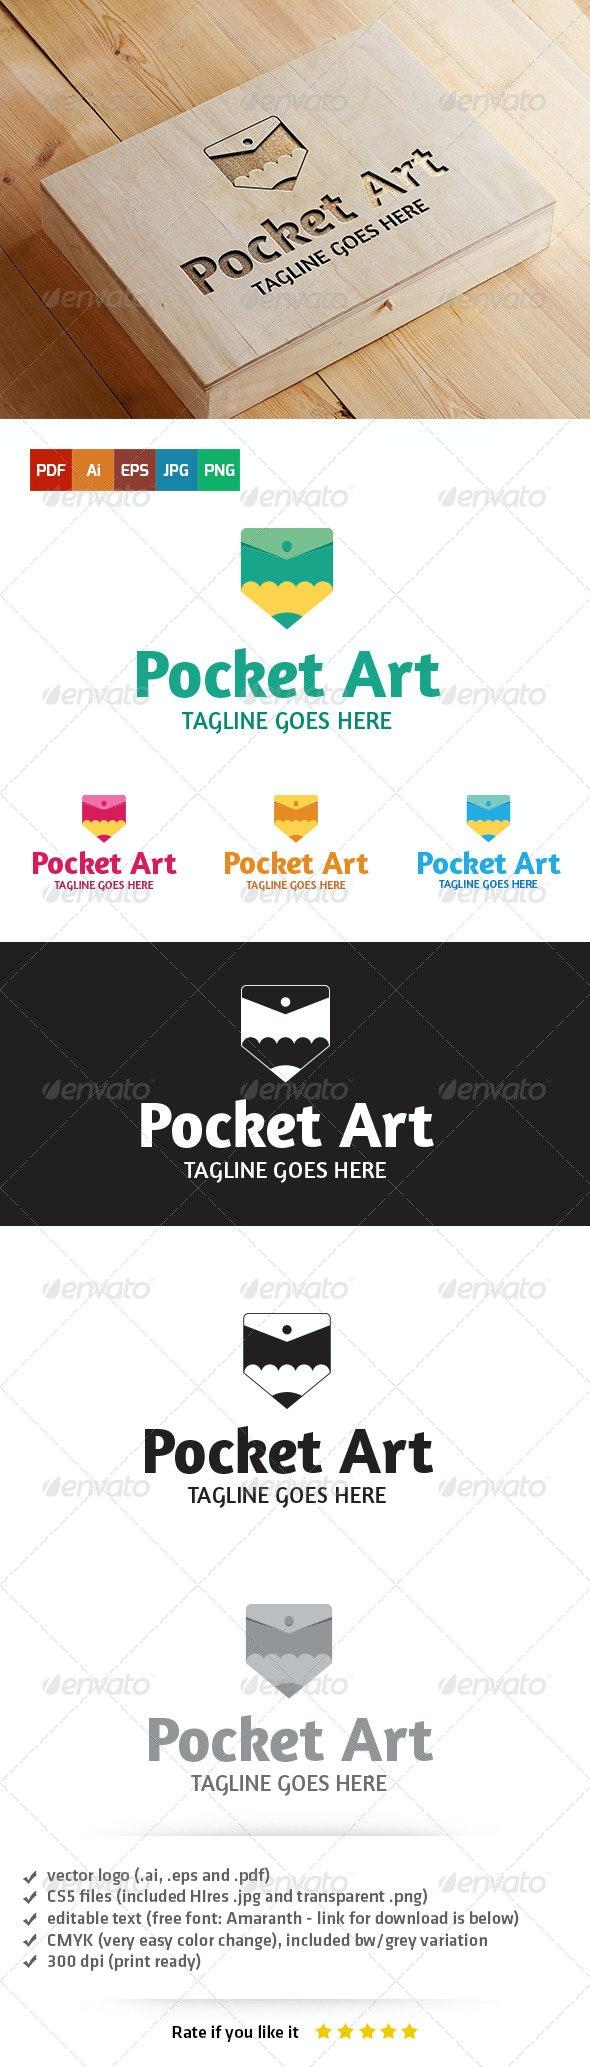 Pocket Art Logo